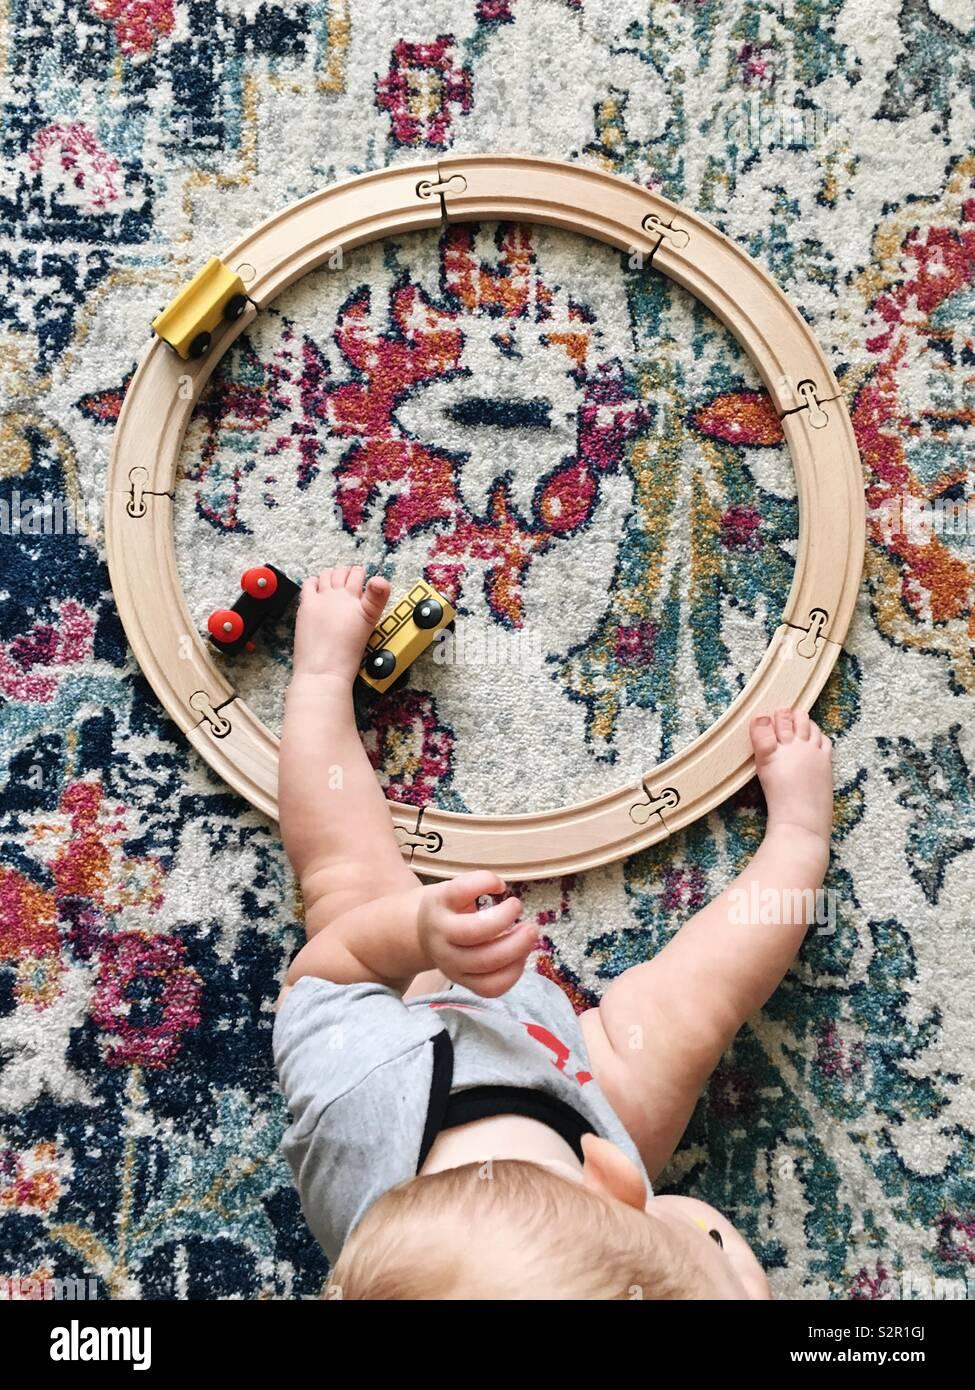 Vue de dessus d'un petit cercle petit train track et de trains sur un tapis coloré avec un bébé sur les jambes de la piste. Banque D'Images